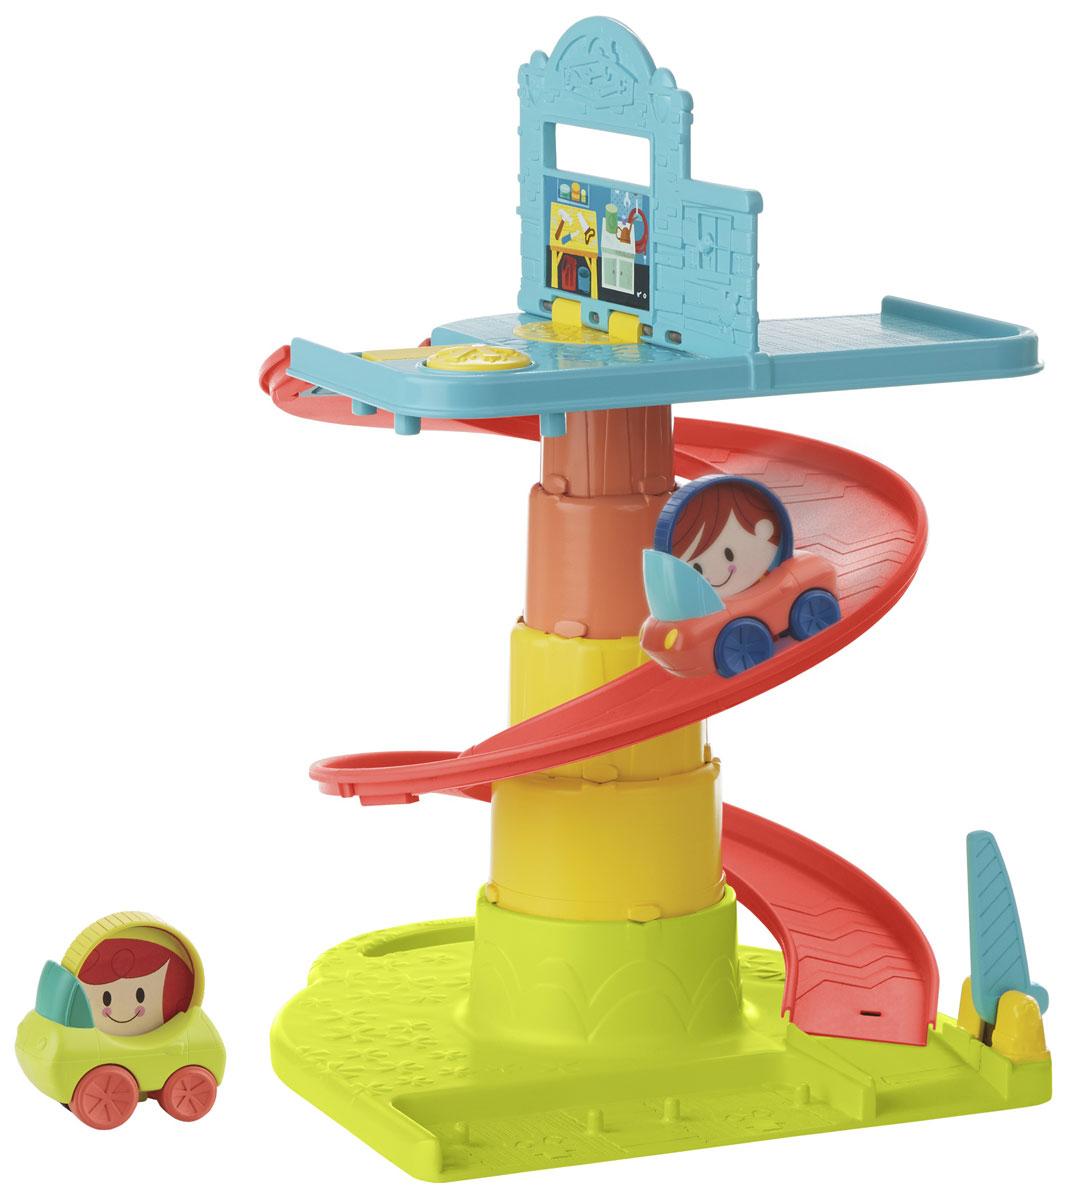 Playskool Игровой набор Веселый ГаражB1649EU4Игровой набор Playskool Веселый Гараж обязательно порадует вашего малыша. Теперь ребенок может начать игру в любом месте и в любое время с этой замечательной игрушкой Playskool Раскладывающийся веселый гараж. Займите игрой своего малыша, пуская любые предметы вниз по серпантину. Малыши нажимают рычаг на самом верху серпантина и запускают 1 или 2 машинки, которые будут жужжать, съезжая вниз. Маленькие пассажиры крутятся во время движения автомобиля, но малыш может крутить их и самостоятельно, развивая мелкую моторику рук и зрительно-моторную координацию. В самом низу серпантина можно открыть ворота, чтобы машинки выезжали на пол. Игрушка создана по принципу Поиграй-Сложи-Возьми с собой! Набор содержит дорогу-серпантин, 2 машинки, которые хранятся в основании и содержат забавных крутящихся человечков. Благодаря удобной ручке для переноски, игру легко брать в руки и носить. Ваш ребенок сможет часами играть с набором, придумывая разные истории. Порадуйте...